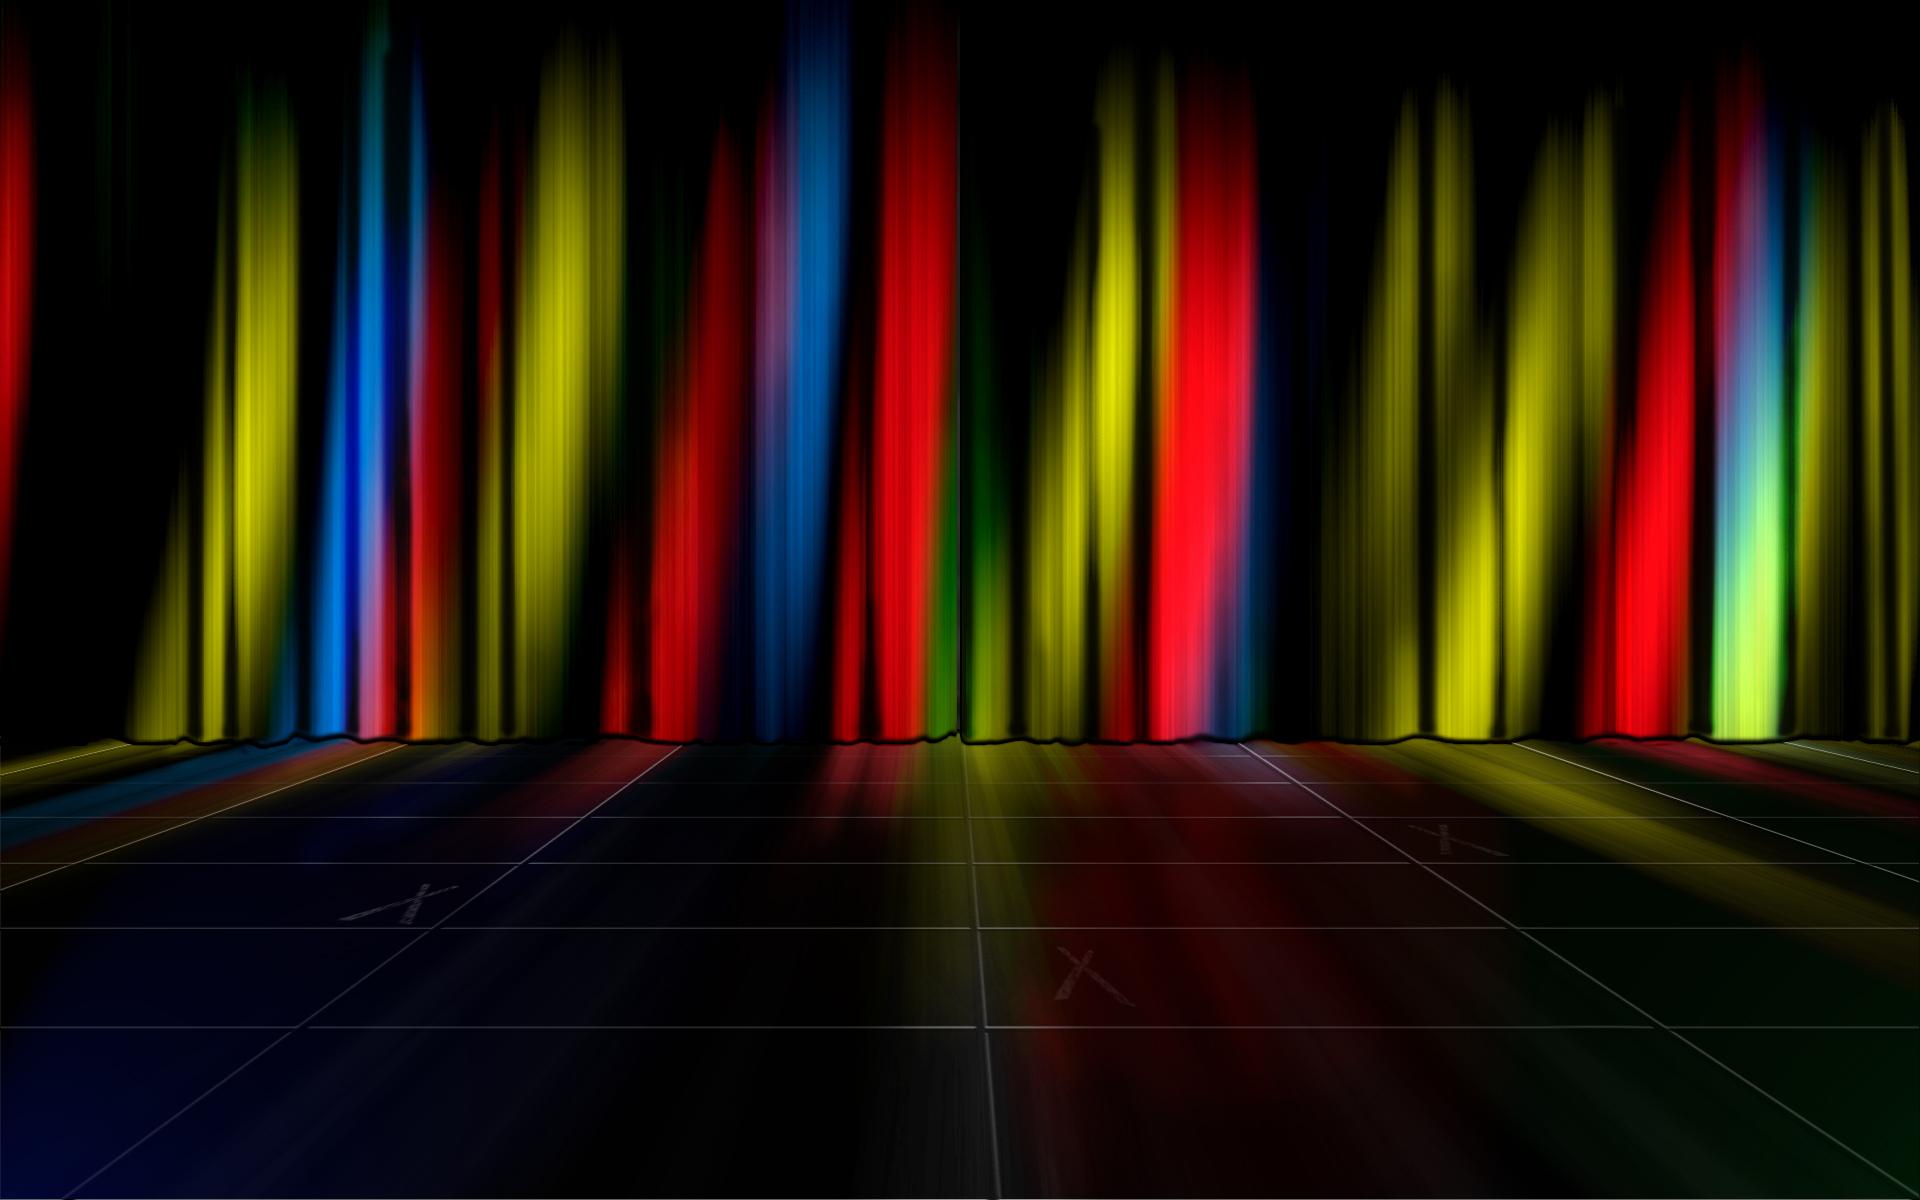 Curtain clipart curtain call Tempus upd Curtain Call Call